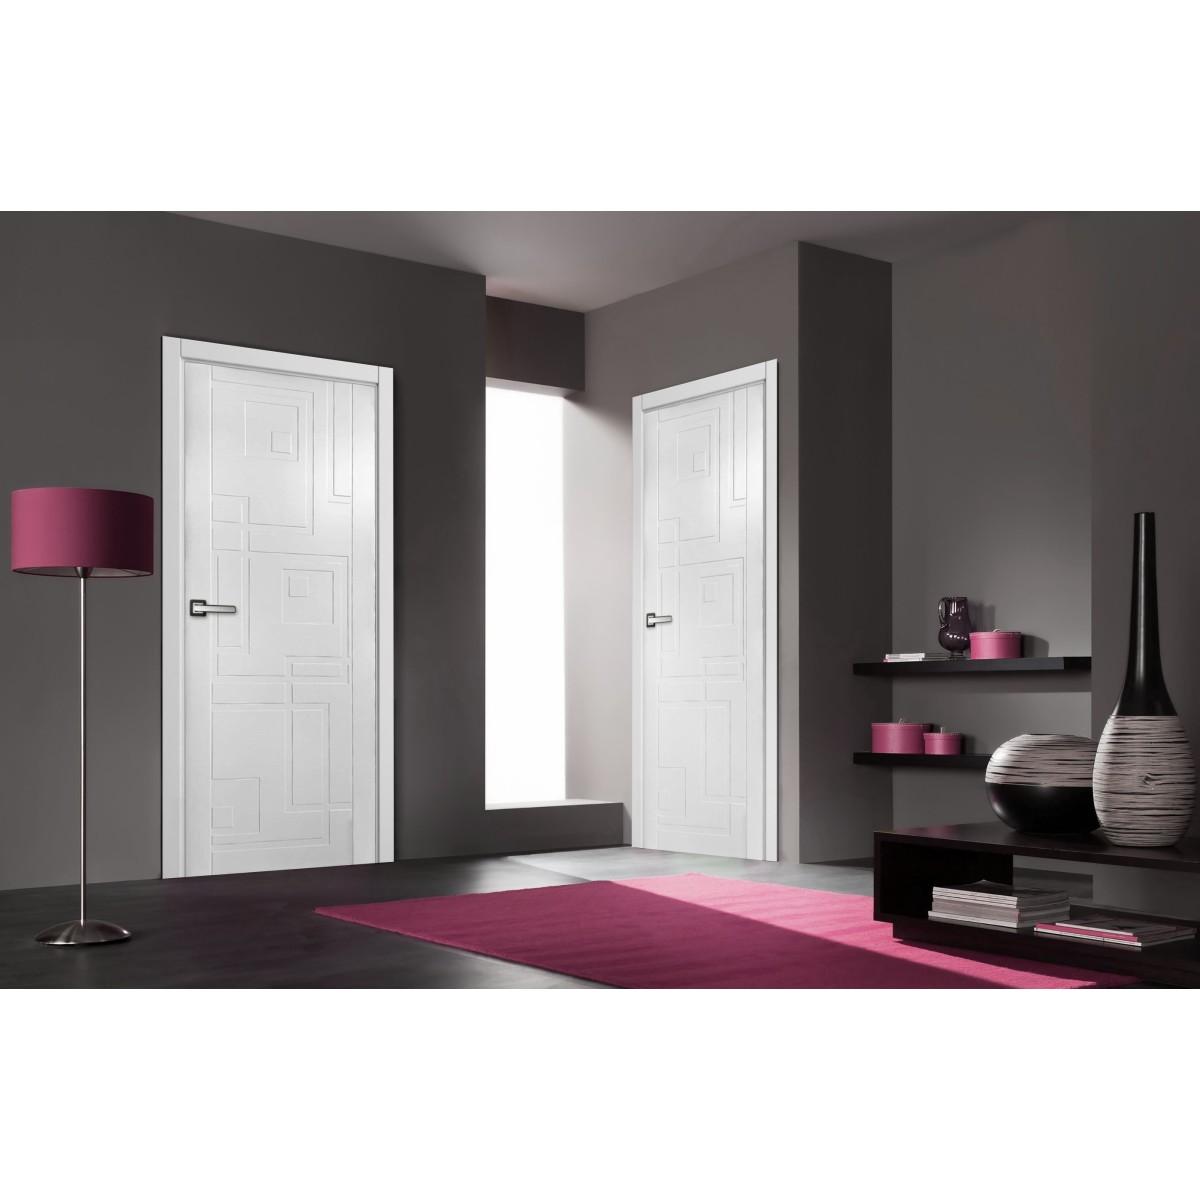 Дверь Межкомнатная Глухая Верде 190x60 Эмаль Цвет Серый С Фурнитурой